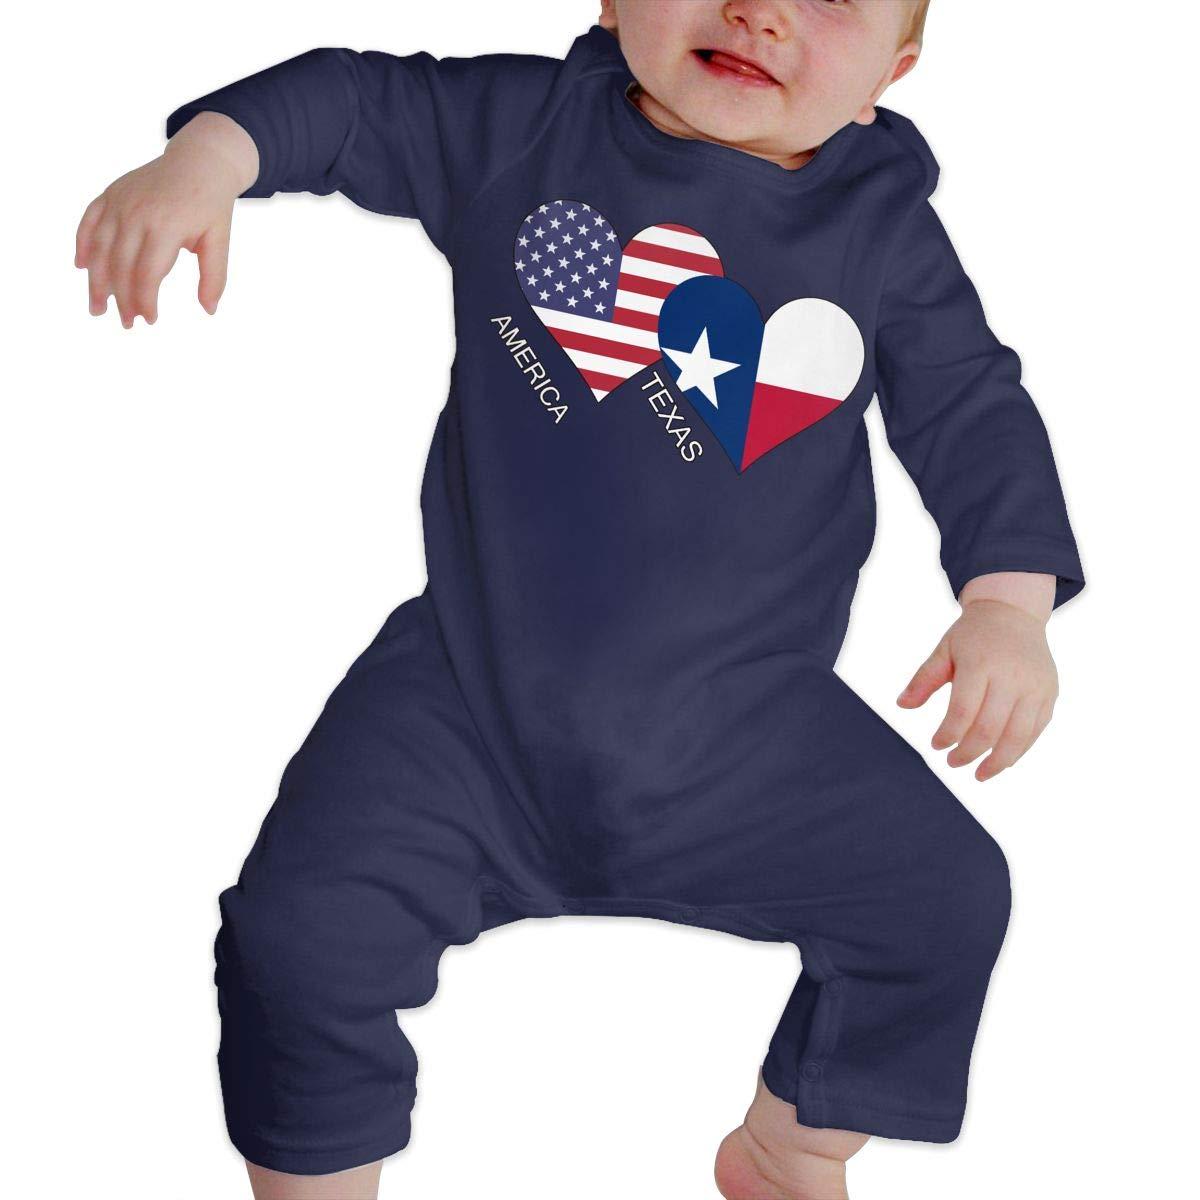 UGFGF-S3 America Texas Flag Heart Toddler Baby Long Sleeve Bodysuit Infant Romper Jumpsuit